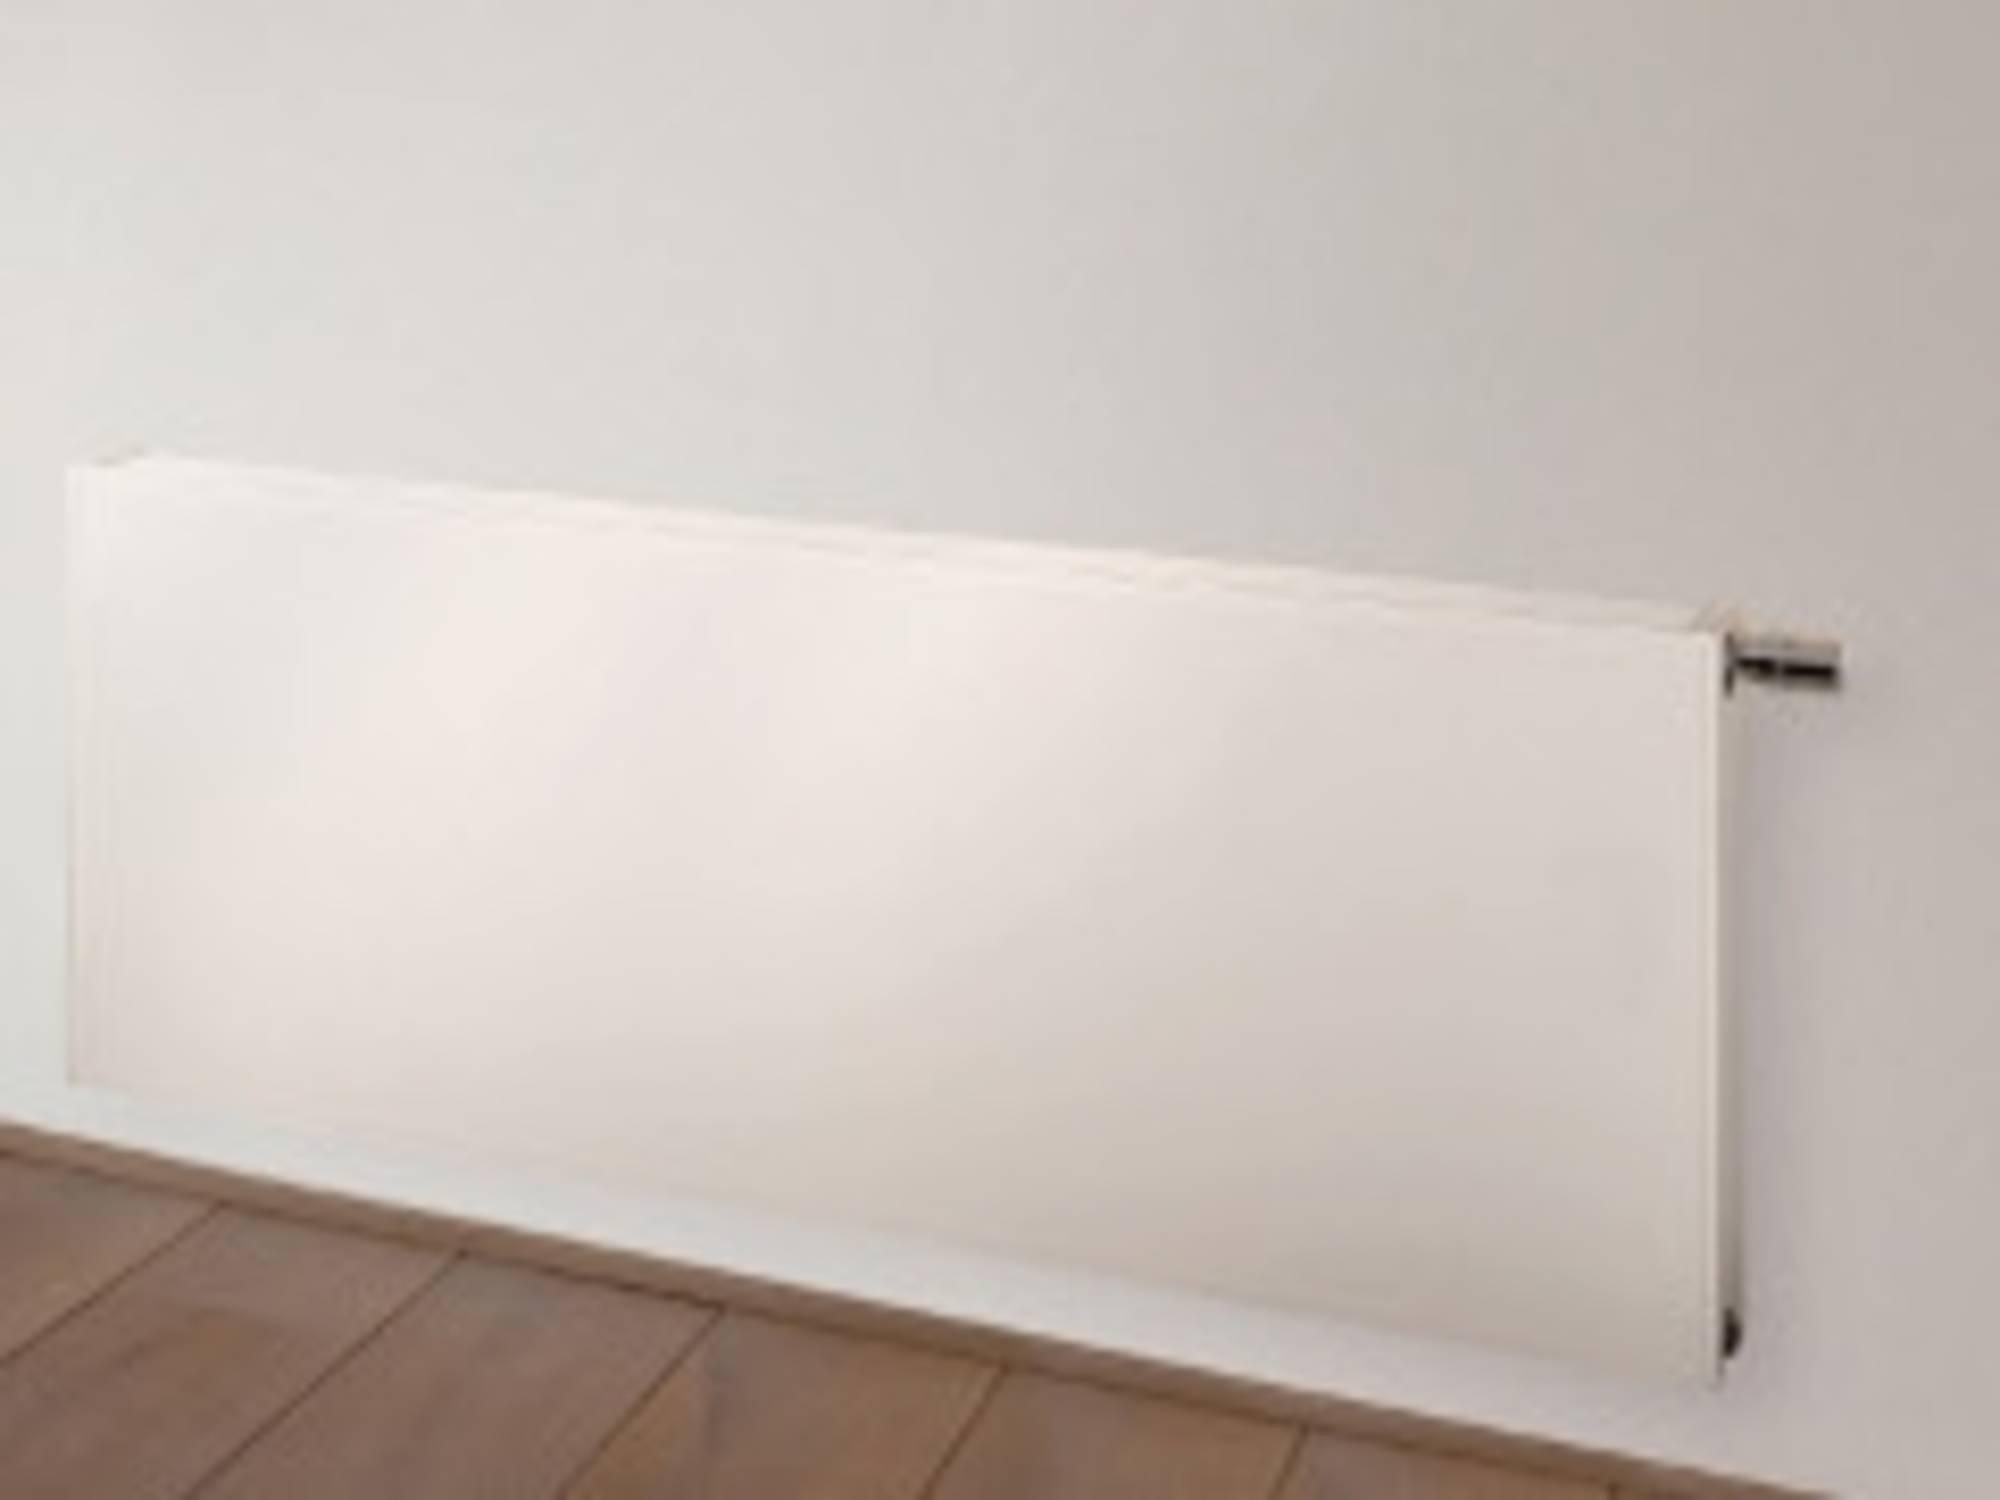 Vasco radiator Flatline T21s 400x400 mm. as=0098 366w